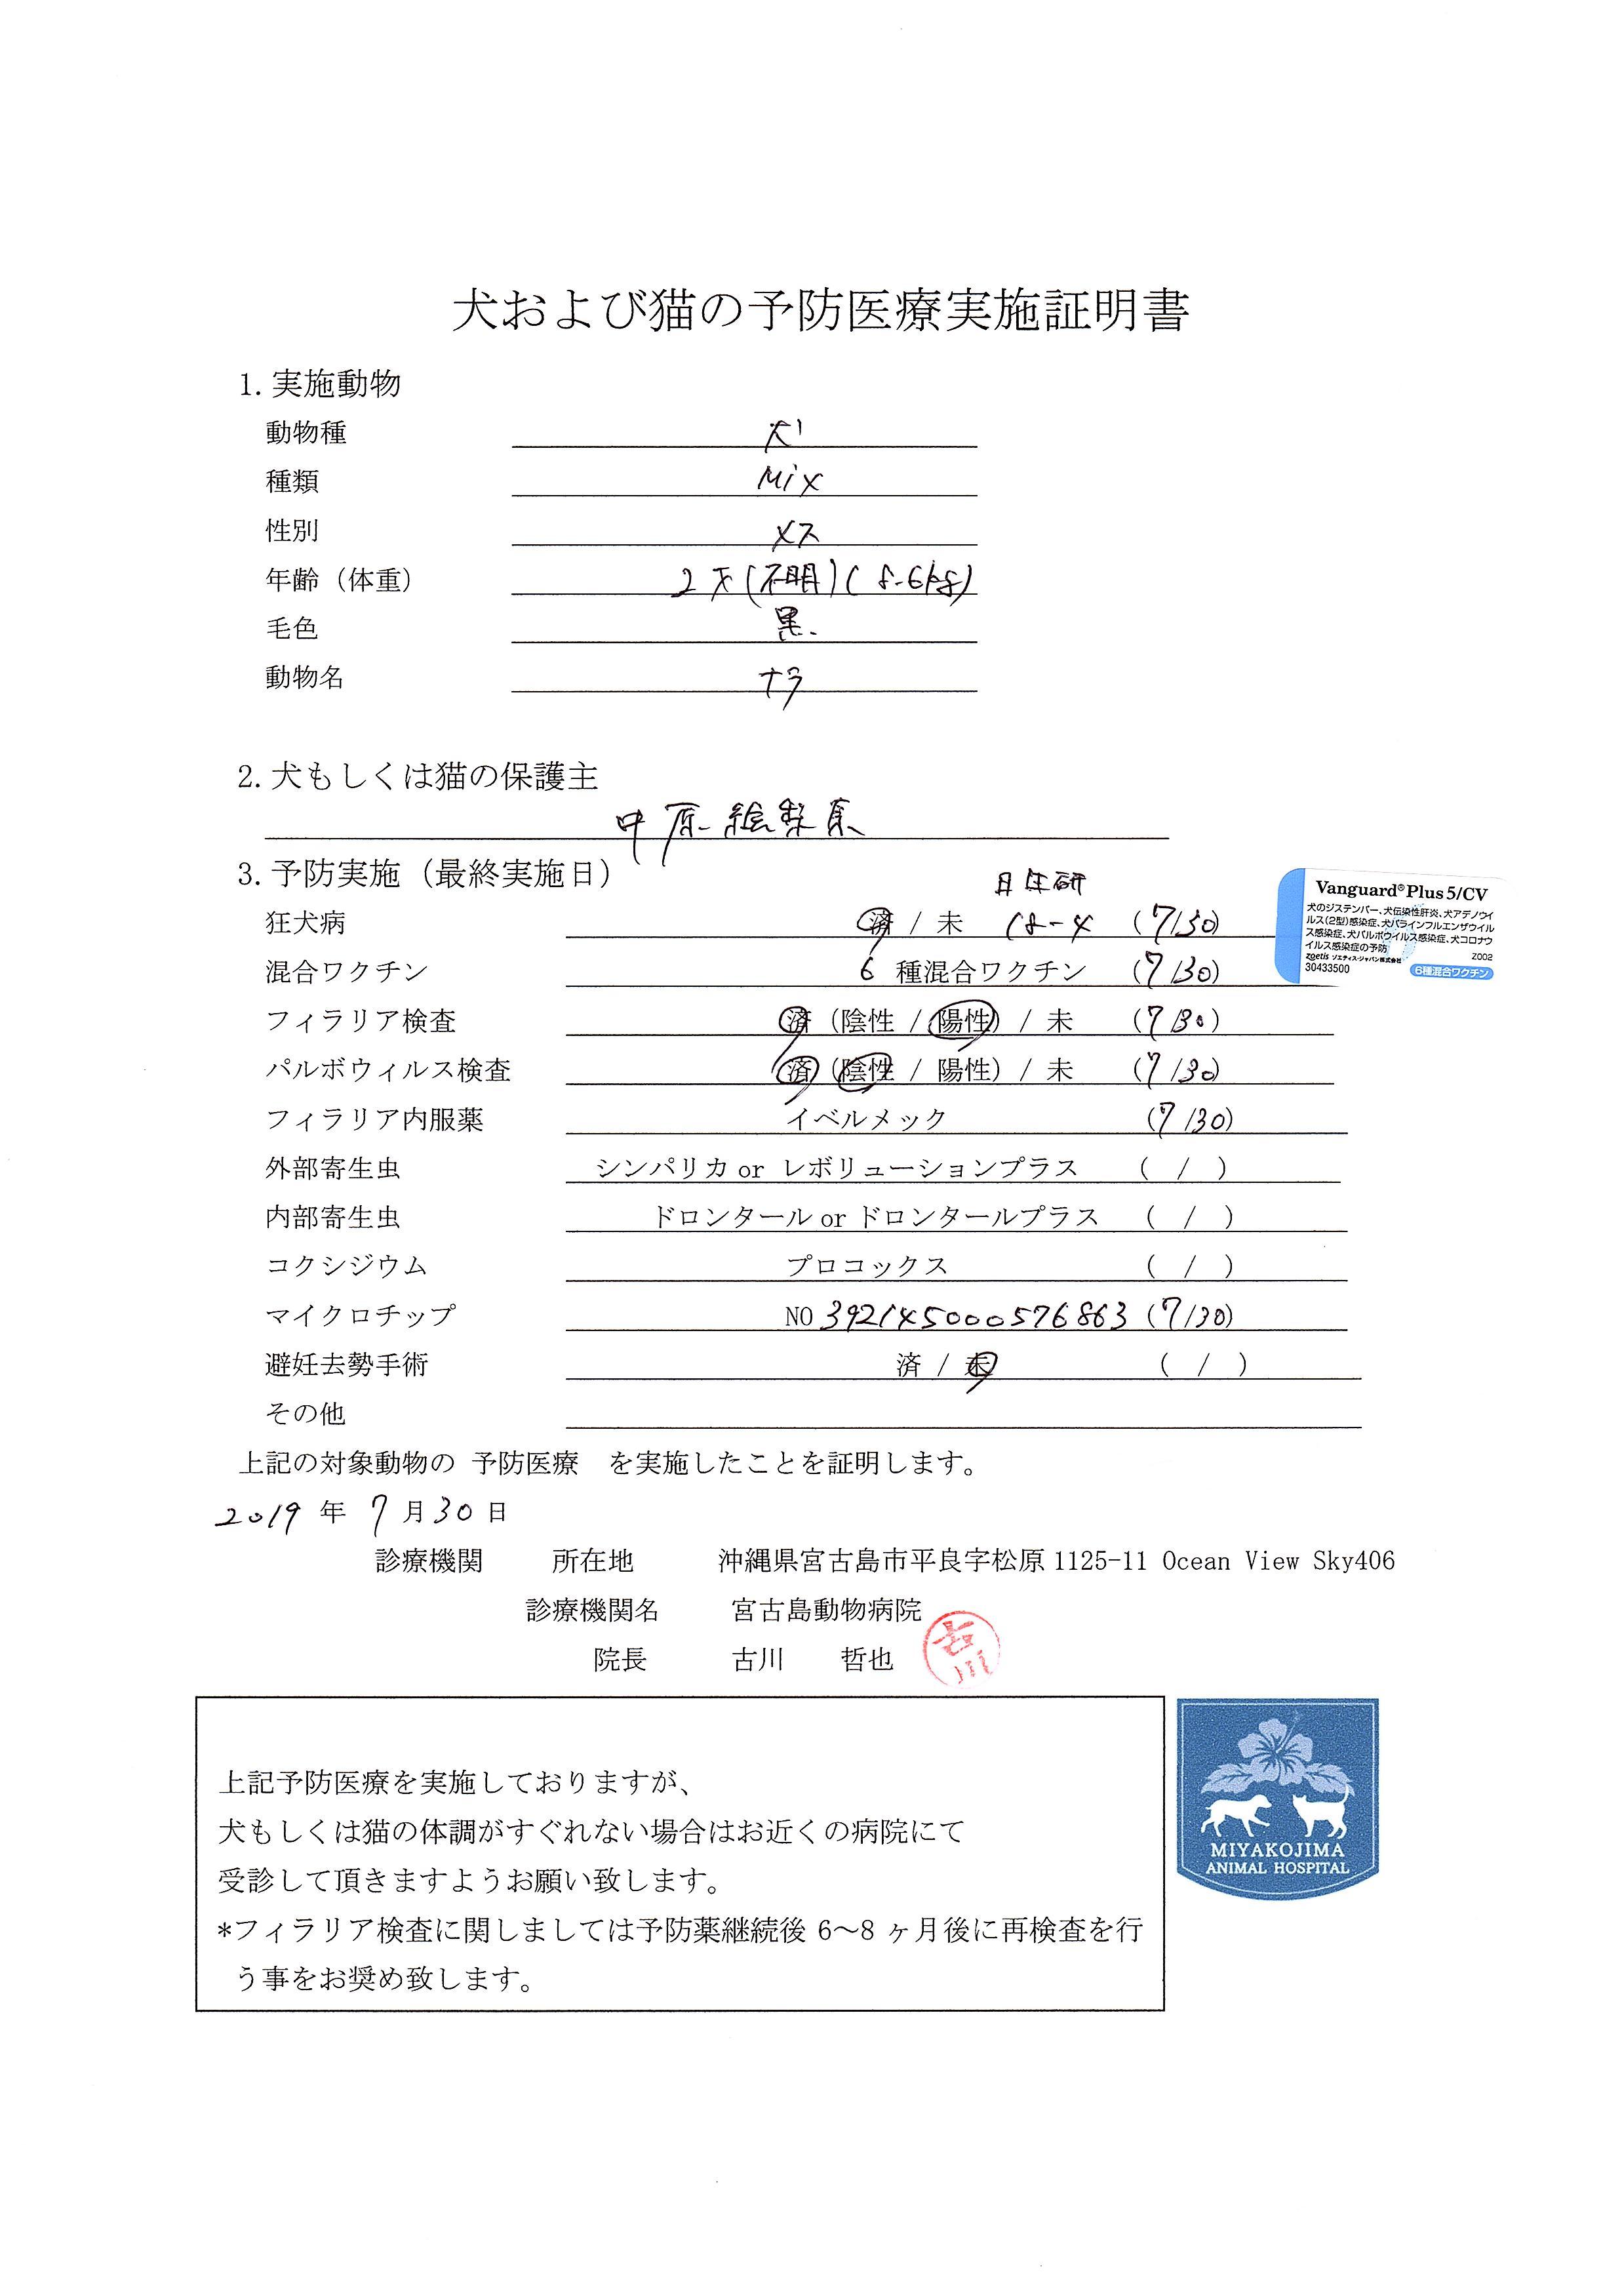 ナラ医療明細190730-1